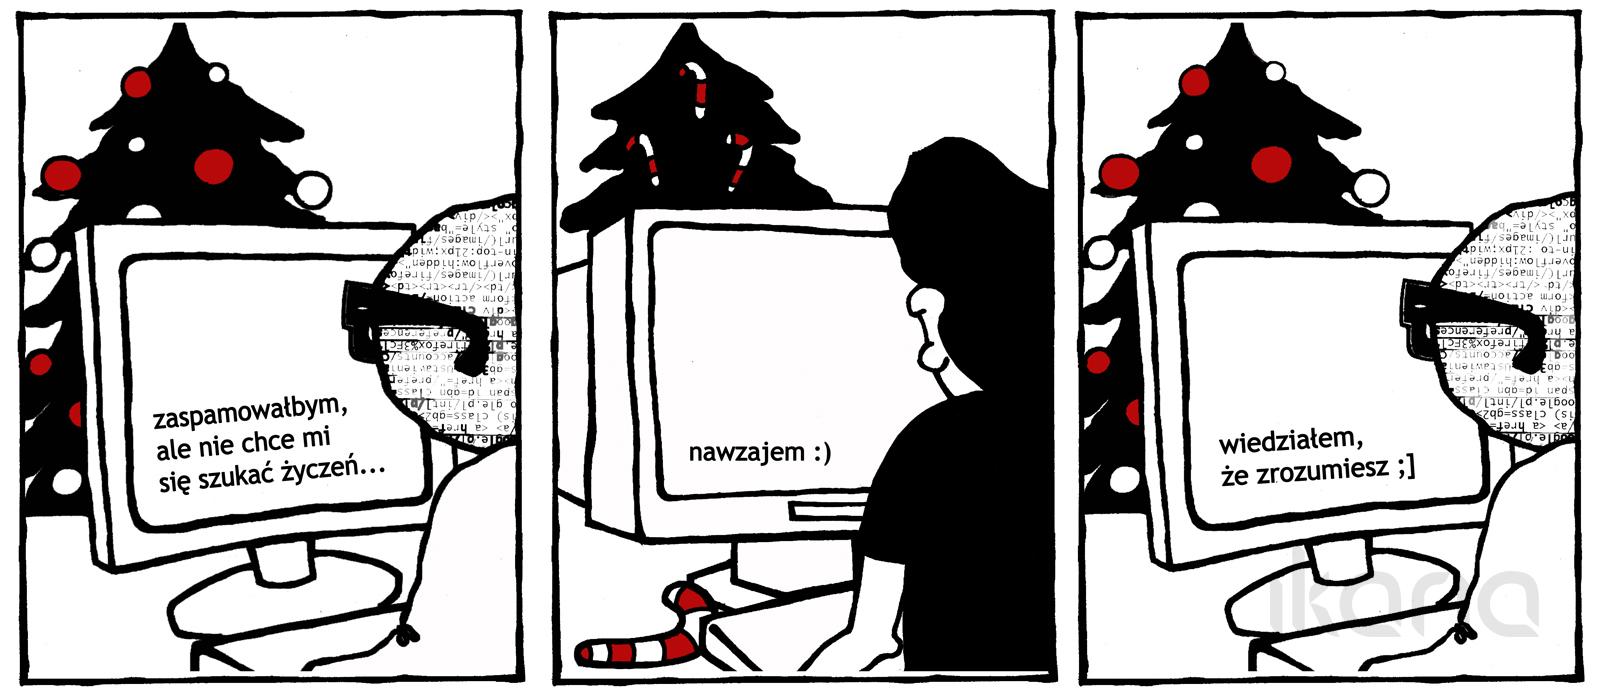 Komiks dnia #5 – sobota to prawie jak święto, więc…